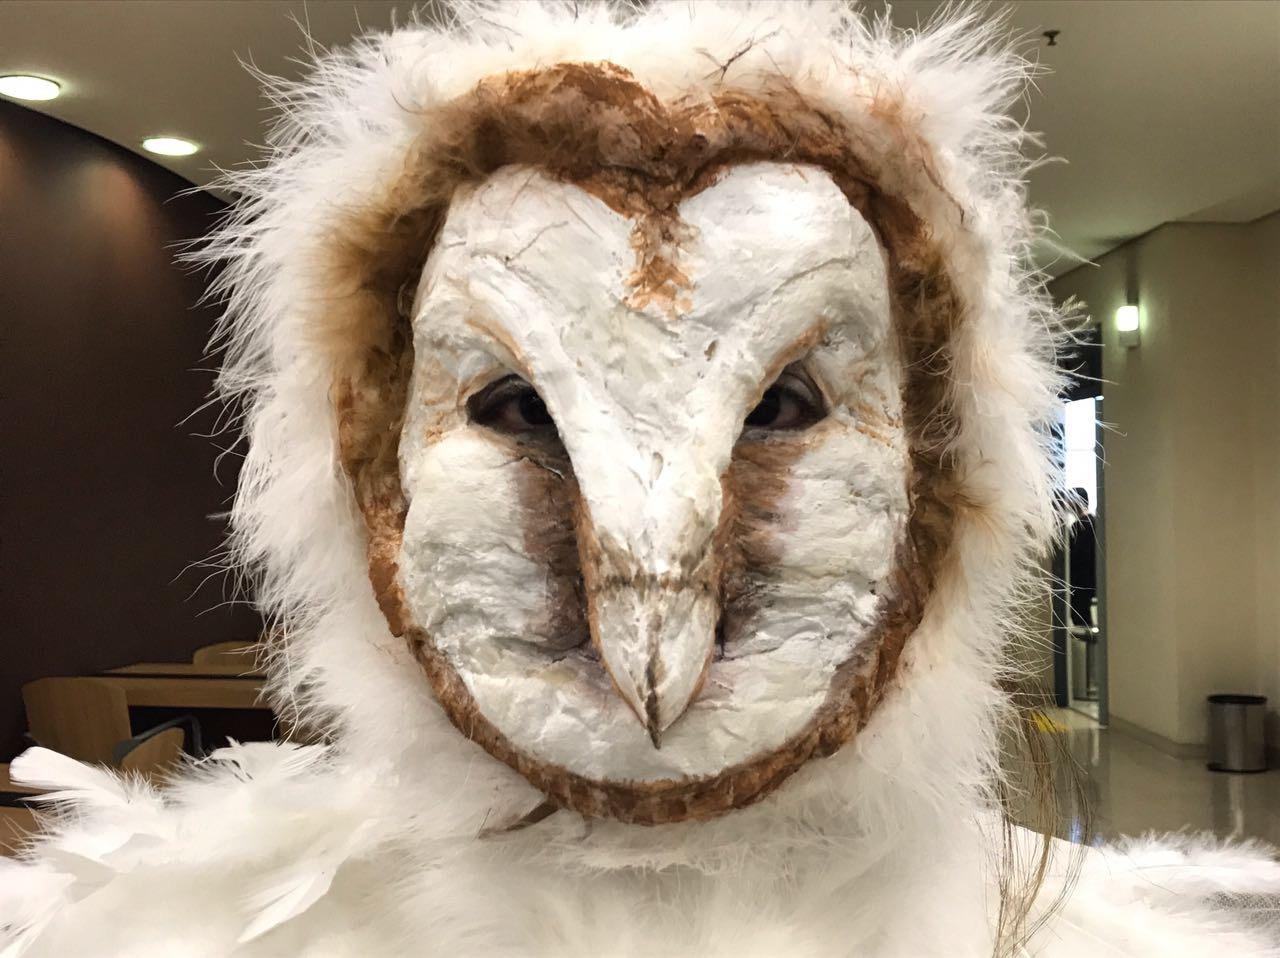 Maquiagem artística de coruja 🦉  maquiagem maquiador(a) auxiliar cabeleireiro(a)